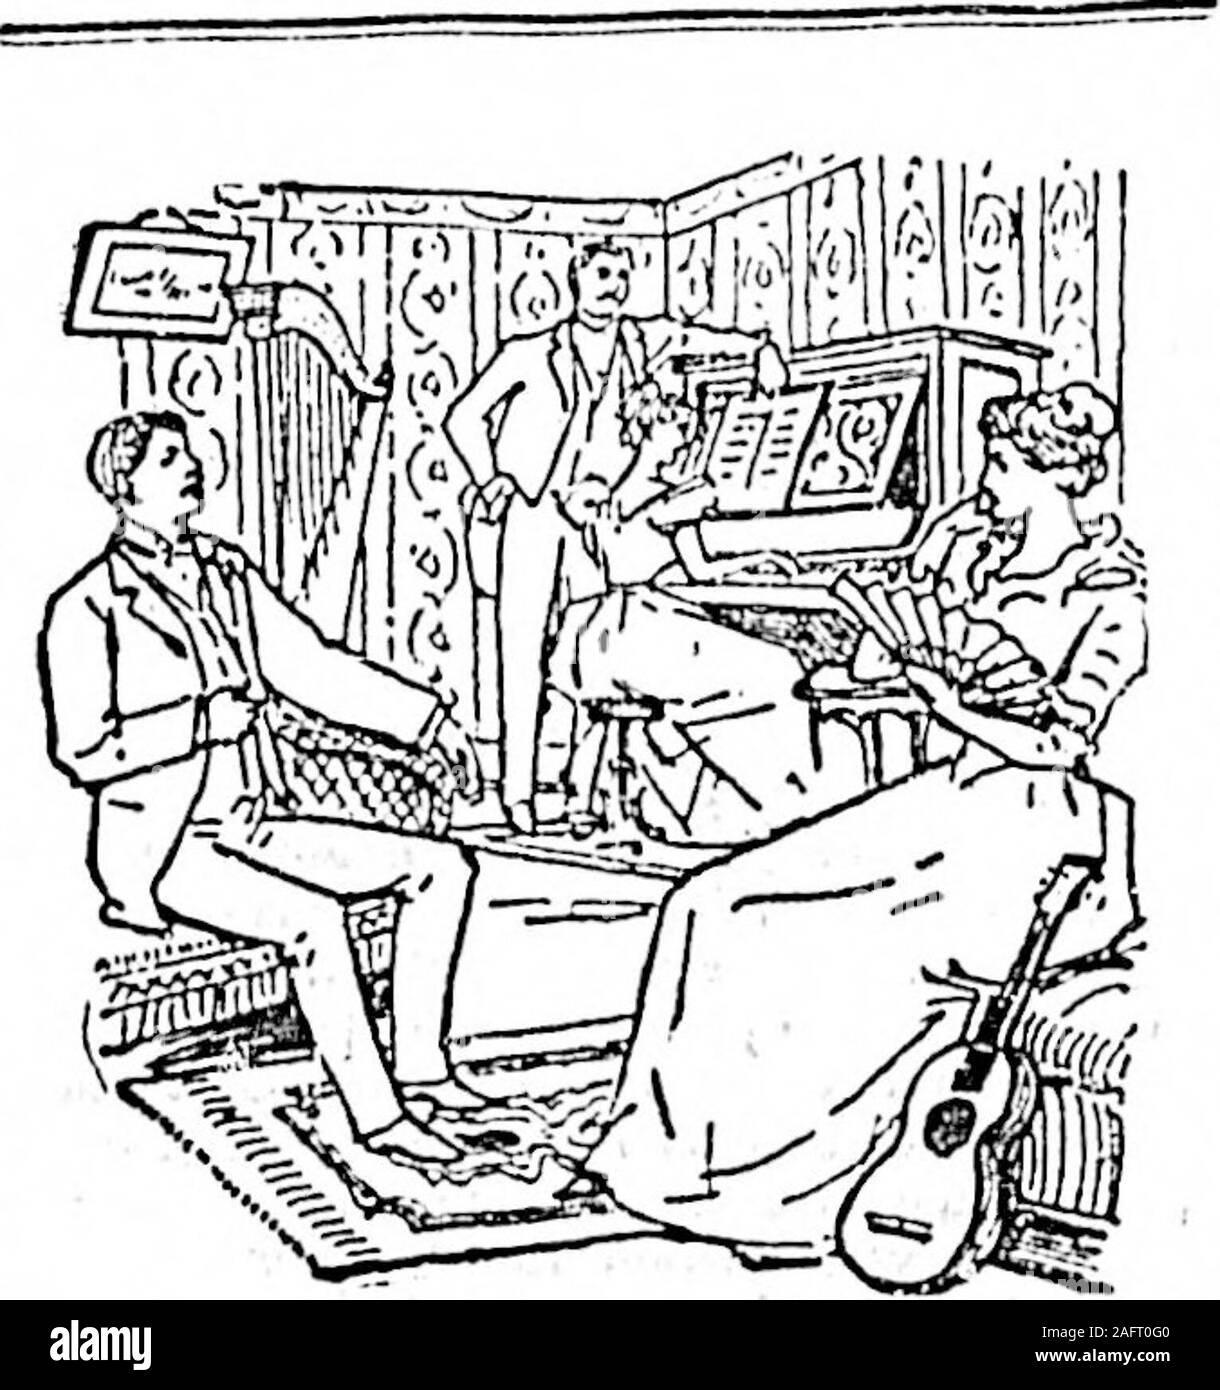 """. Colono diaria (1900-09-26). hoir conductor, etc. : Waitts musicstore.- ?? - Thla ovpry Biffnaturo 1.1 en caja de tho gonulaa laxante Bromo^Quinina Tabiou tho romody tbat.ctui-u I. vuM fu ono dav antes de poner en su stoi-es f.ir win-ter, un bonito, nuevo. caliente linóleo para piso es sólo cosa de THO. Weiler Brcs.siibw nii cndlesA variedad ntcROc """":0c.,70c., ?1 y 1,25 dólares por.sunare patio. • Pescado fresco.-Nuestro sui)telas a día com-empresas grandes olía, el salmón, el halibut, curado, etc. codtish lezca: Salmón Kippered,bloaters nnd kippered herring, nuestro owncuring. liresh pescado diariamente. BrownCooper. FMi Marca central Foto de stock"""